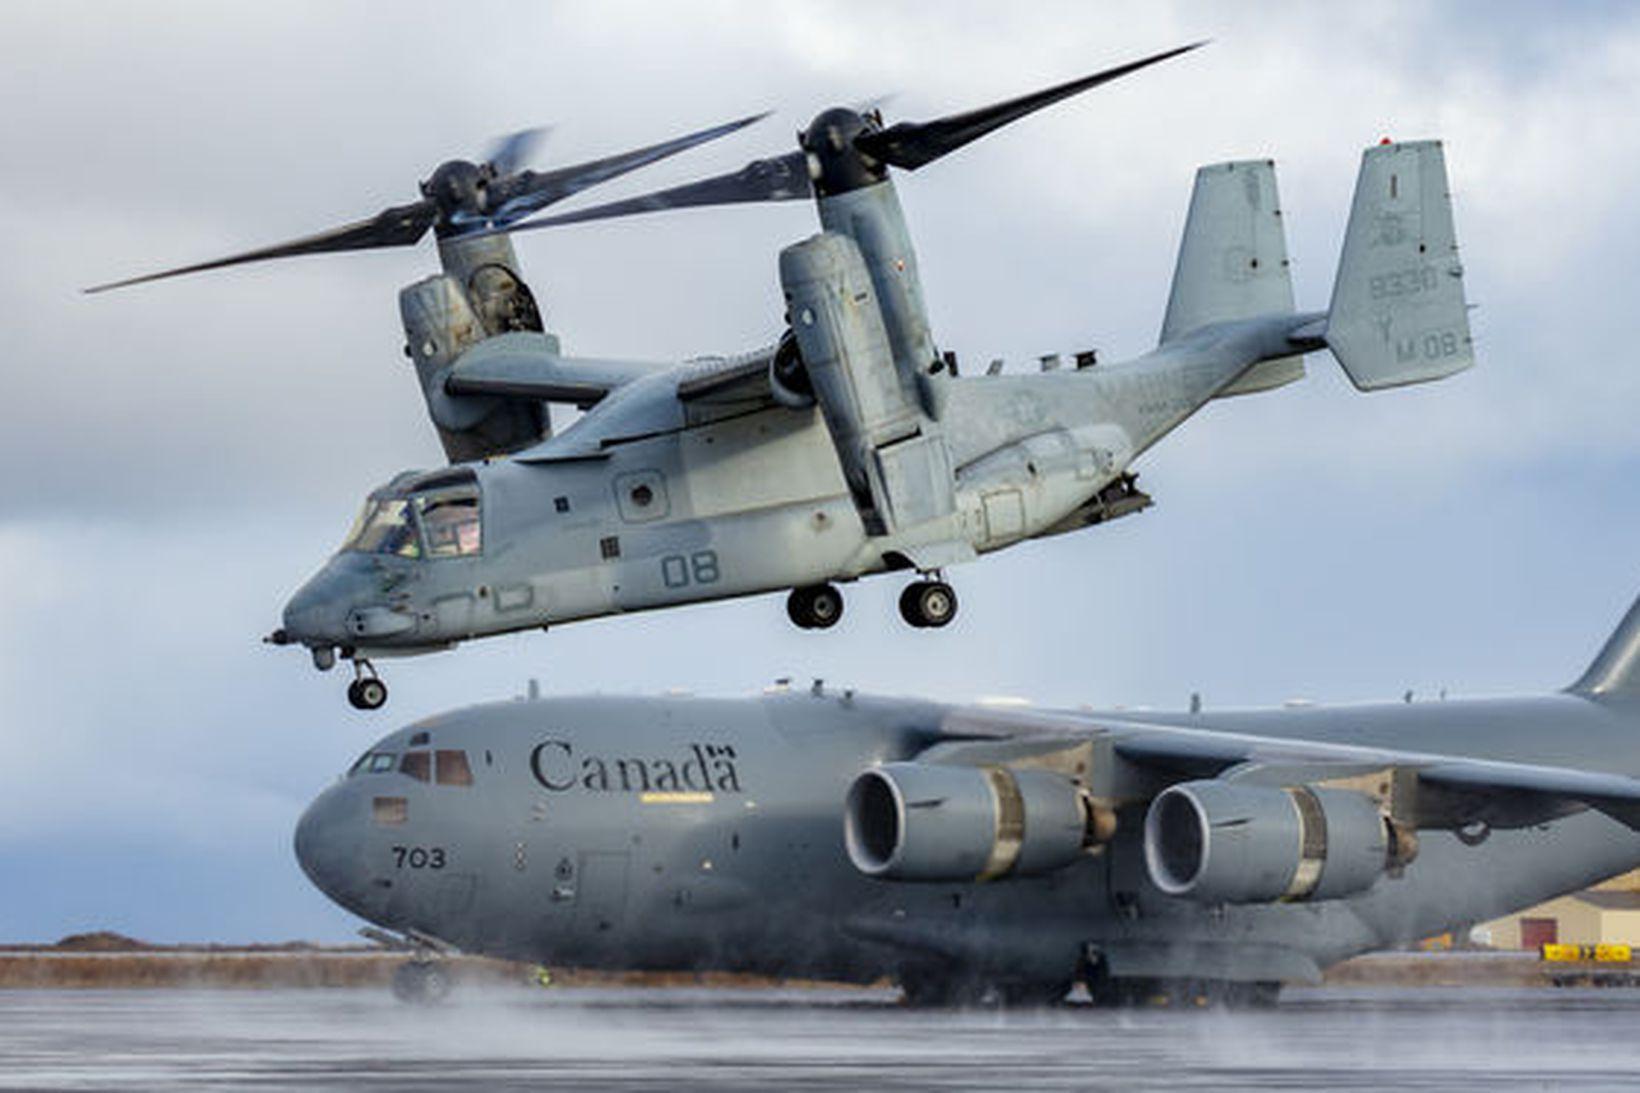 MV-22 Osprey sést hér í forgrunni. Myndin er tekin á …